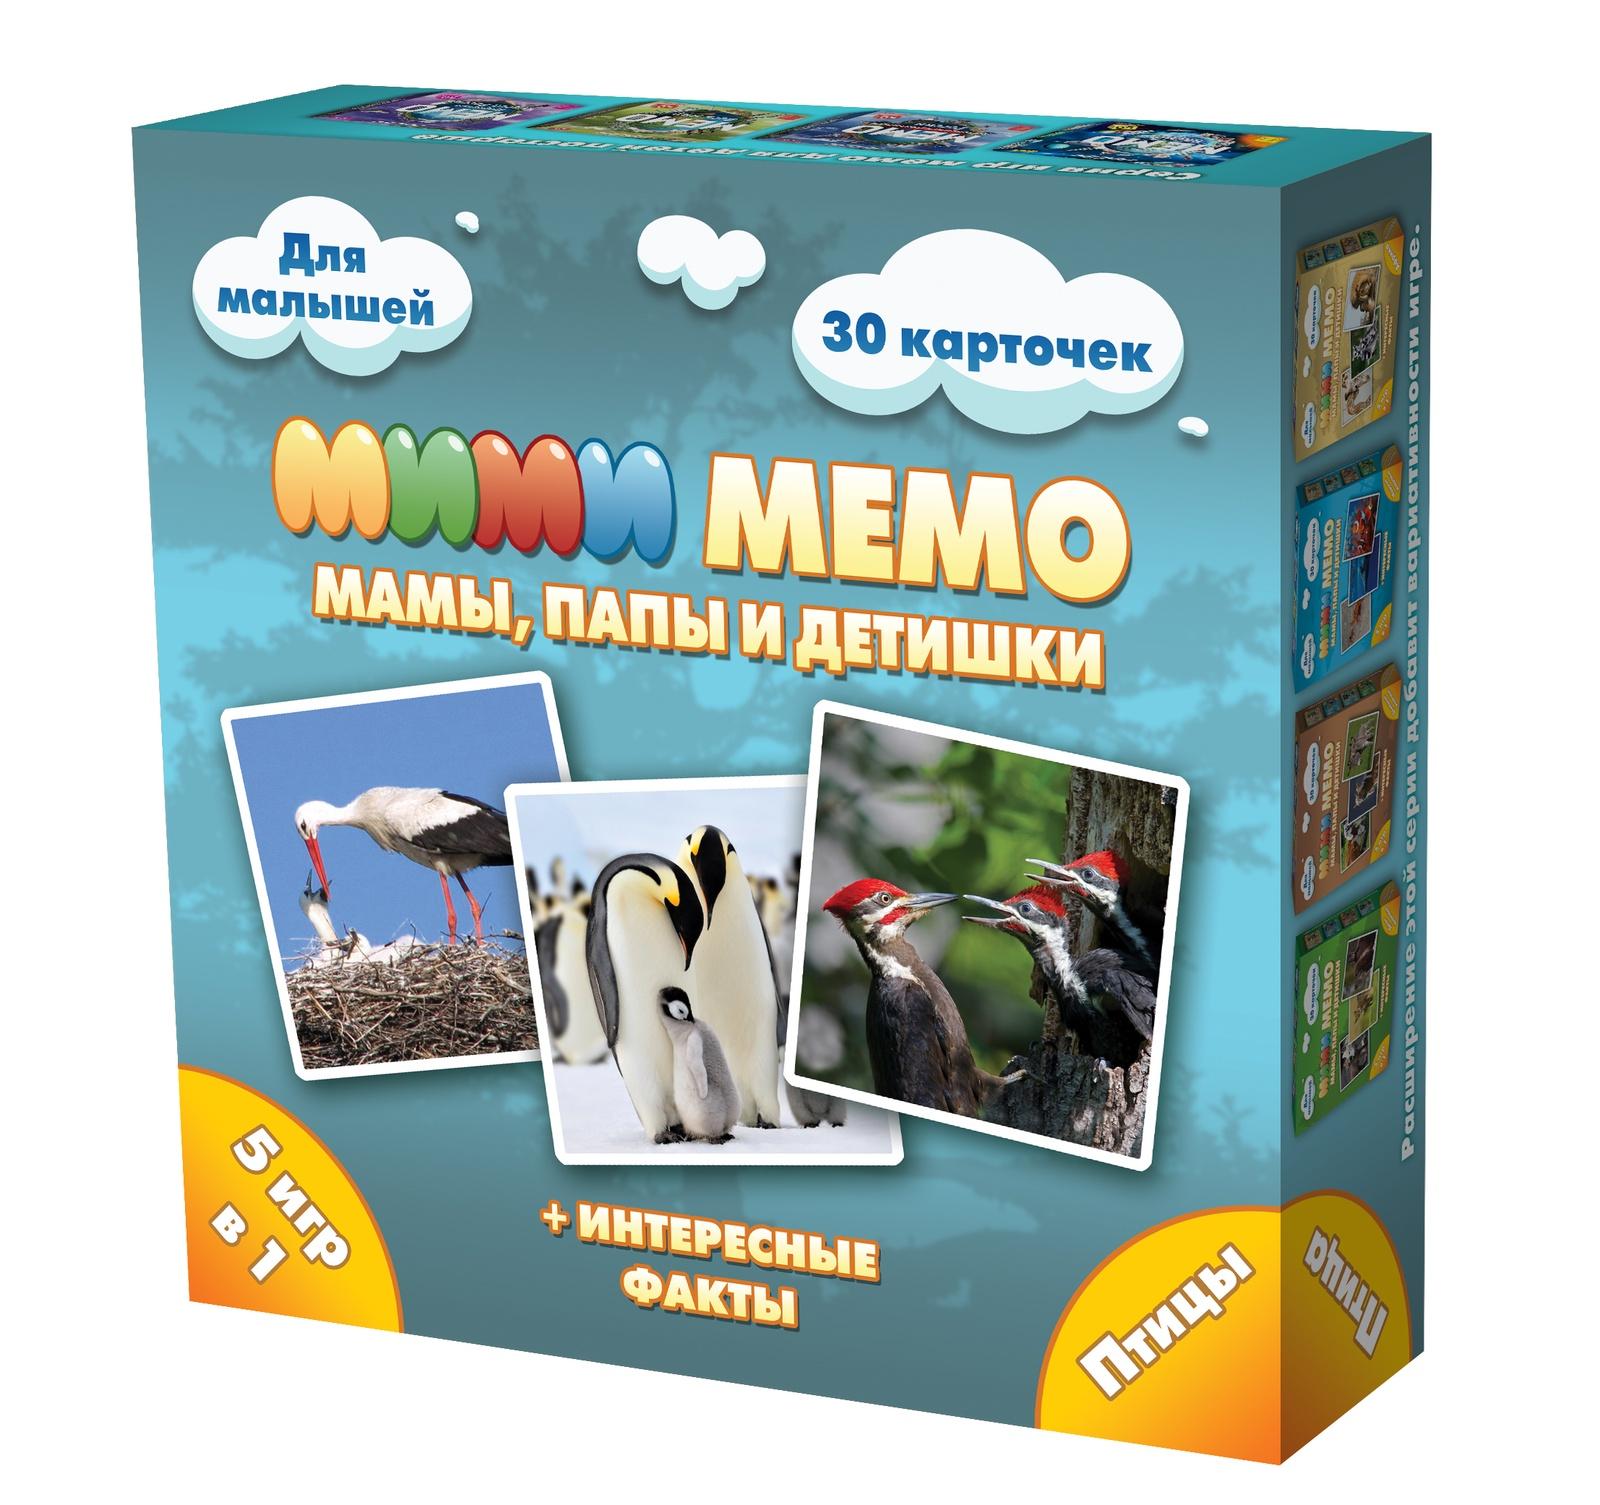 Обучающая игра Нескучные игры Ми-Ми-Мемо, 8052 анданте мемо обучающая игра найди пару формы и цвета 24 фишки